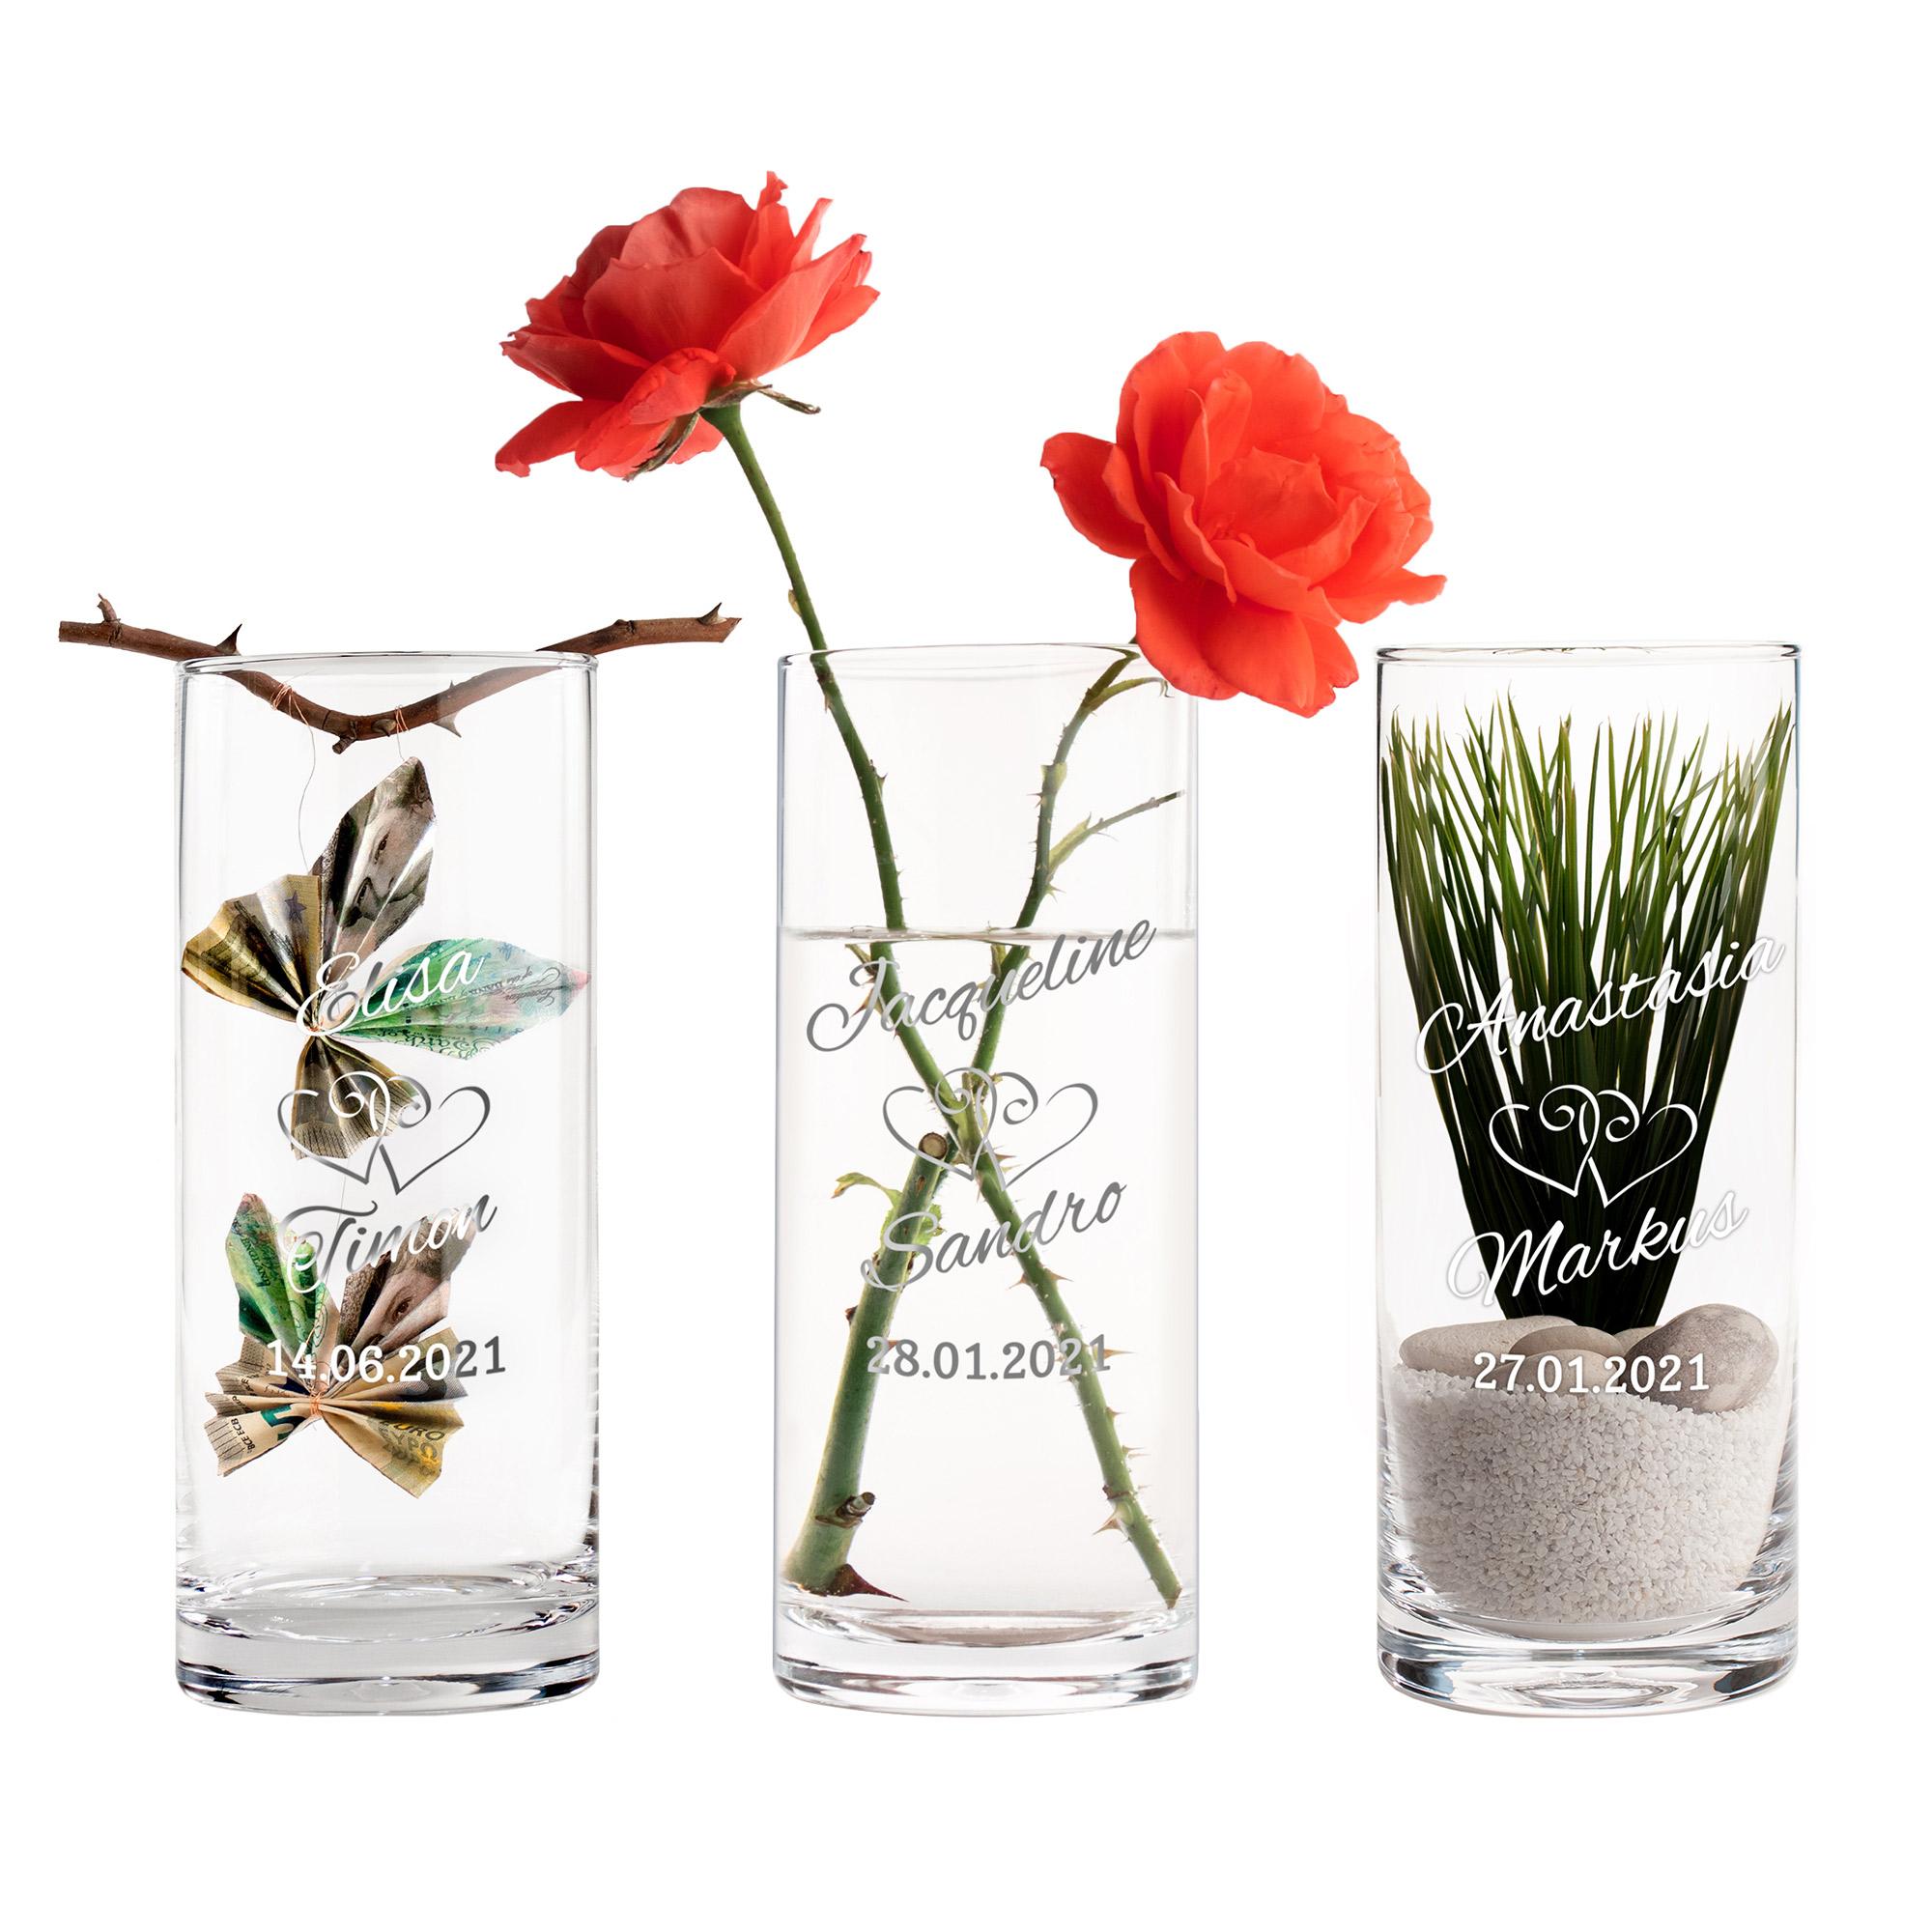 Runde Vase mit Gravur zur Hochzeit - Herzen